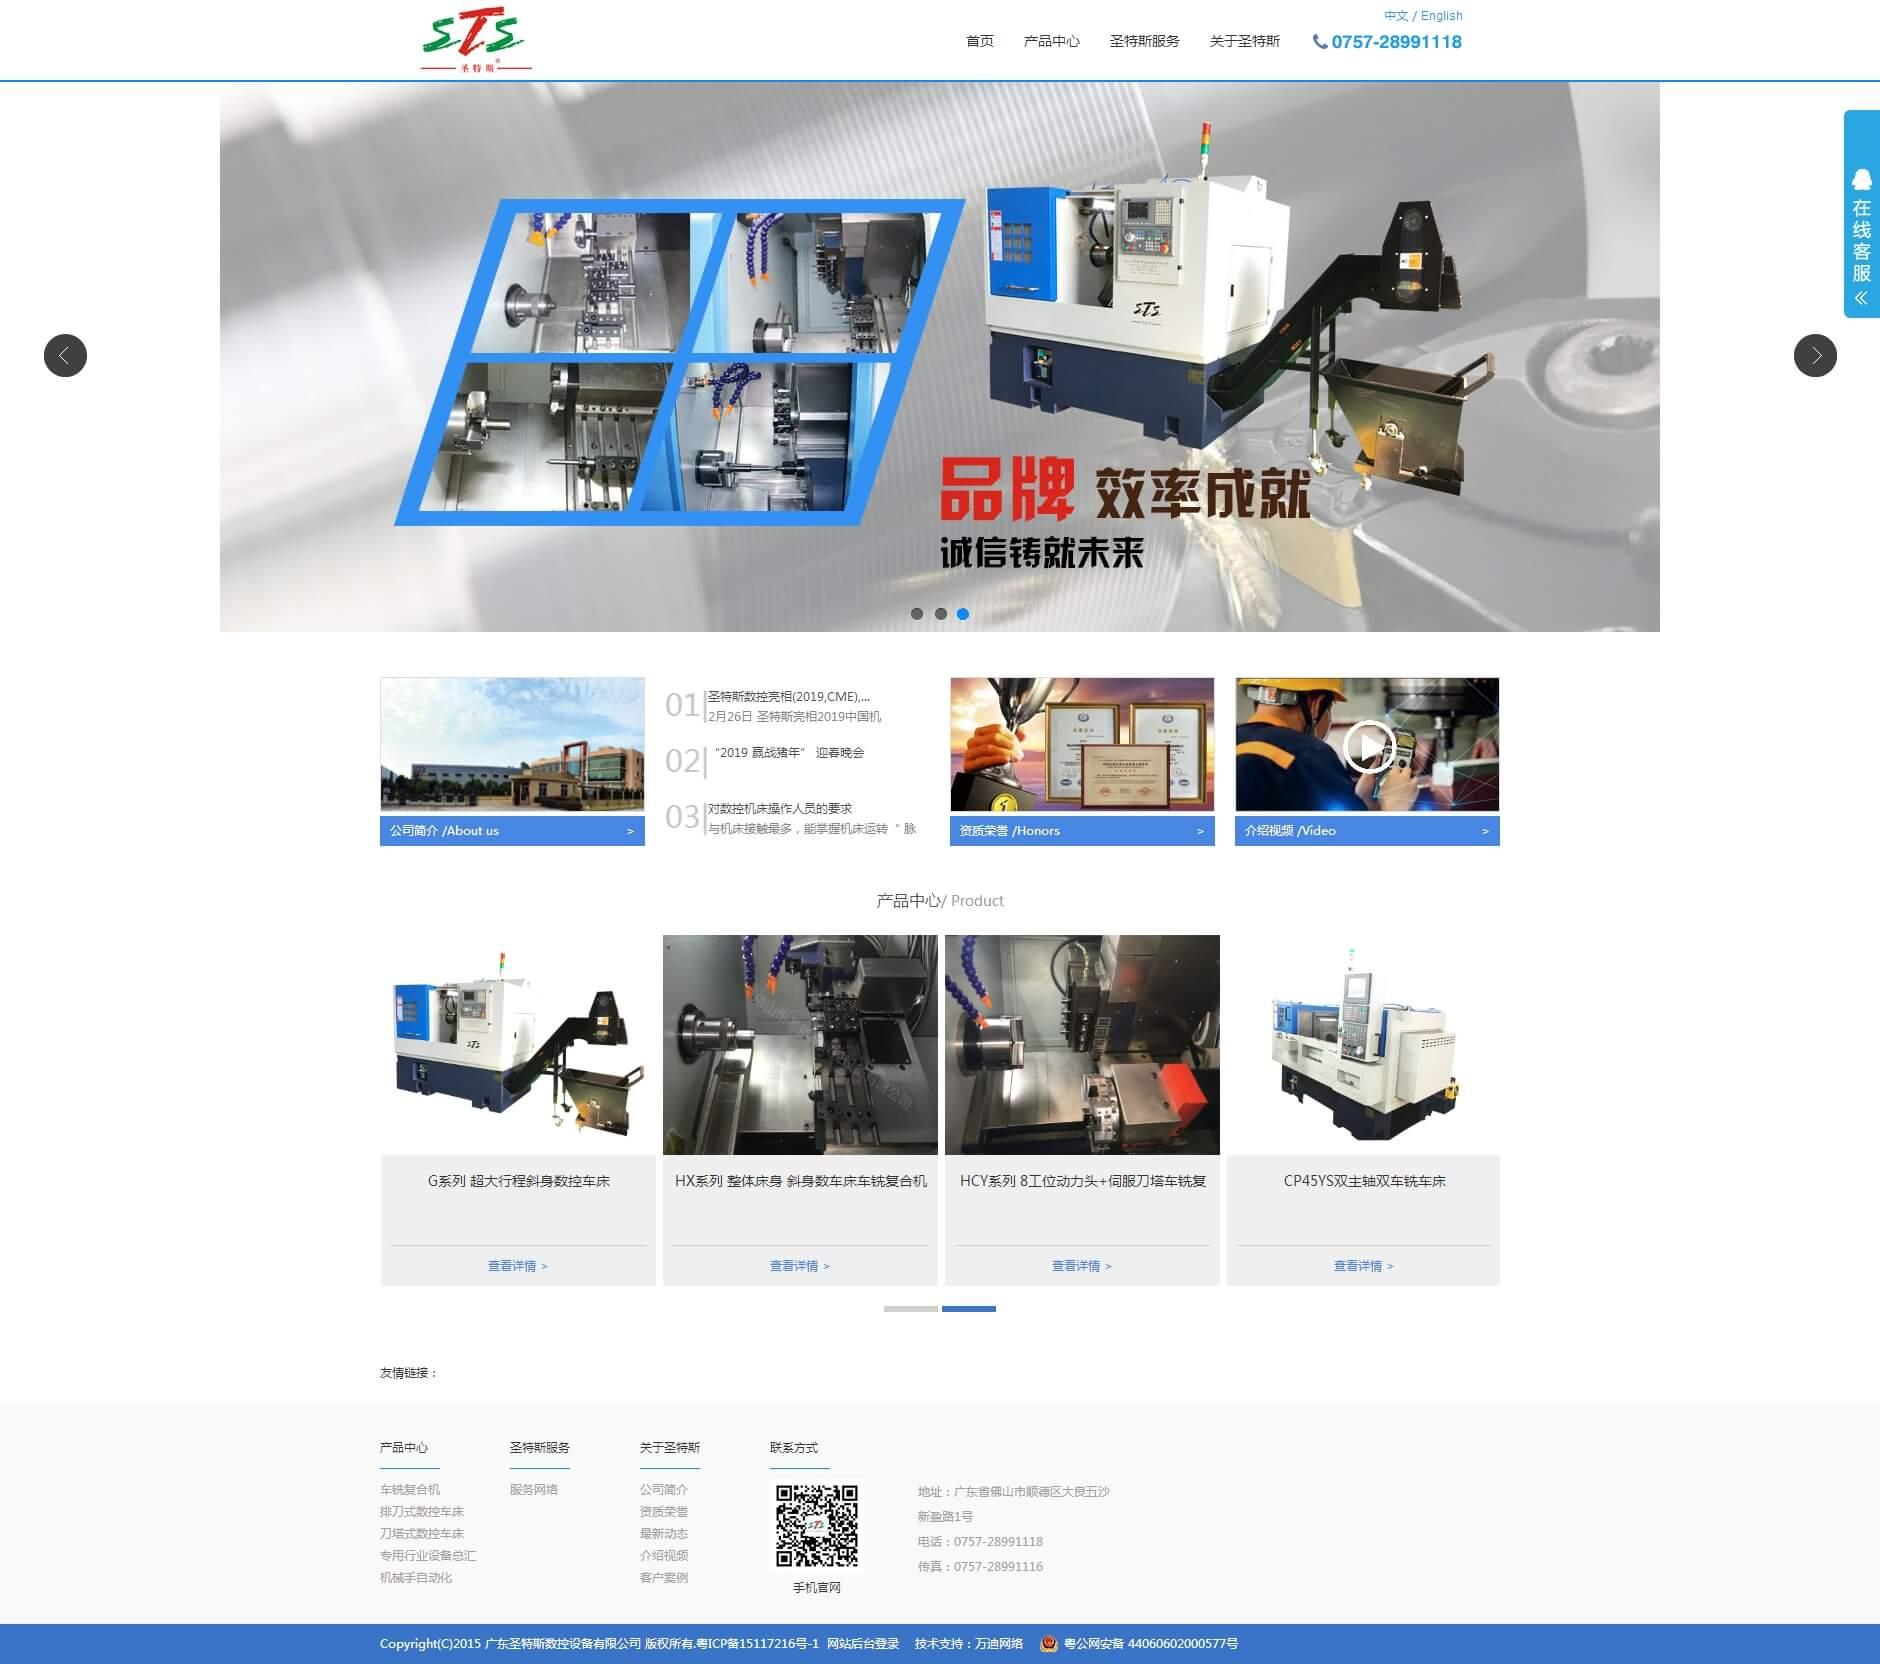 广东圣特斯数控设备有限公司 顺德数控机床厂 CNC数控车床.jpg